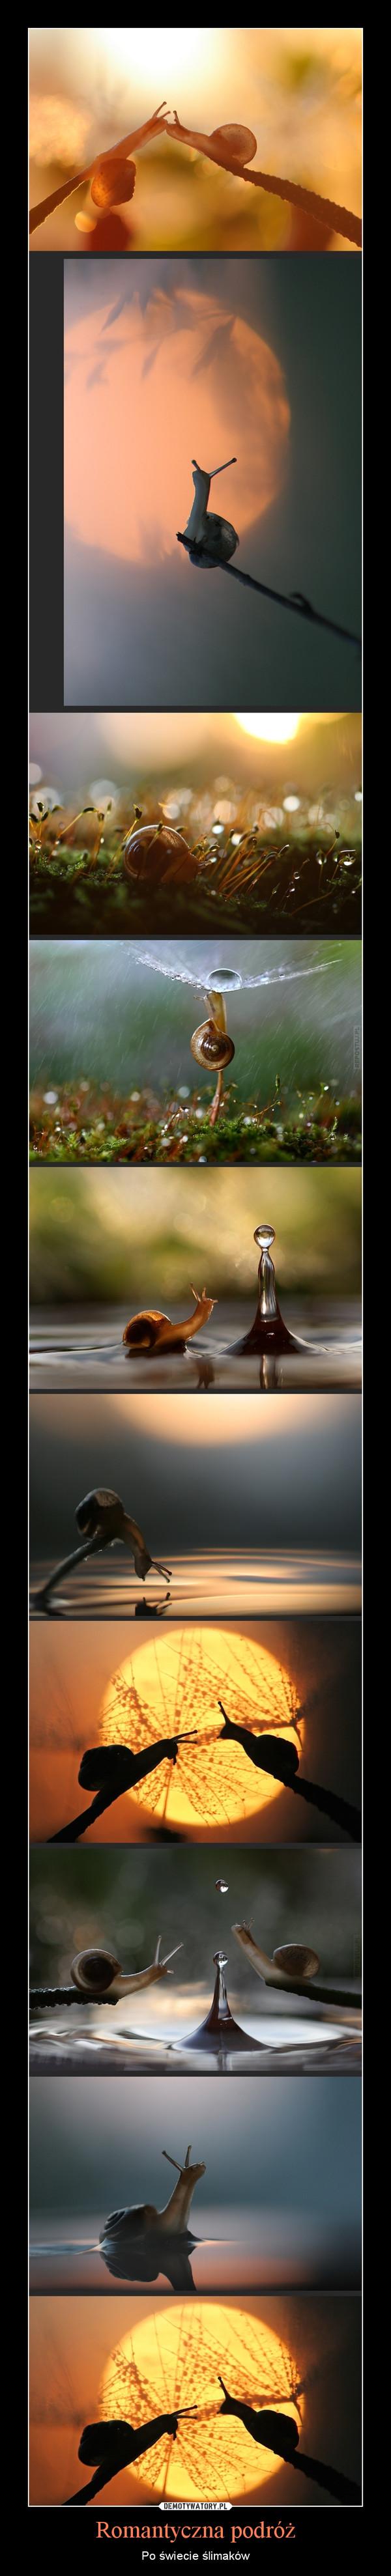 Romantyczna podróż – Po świecie ślimaków